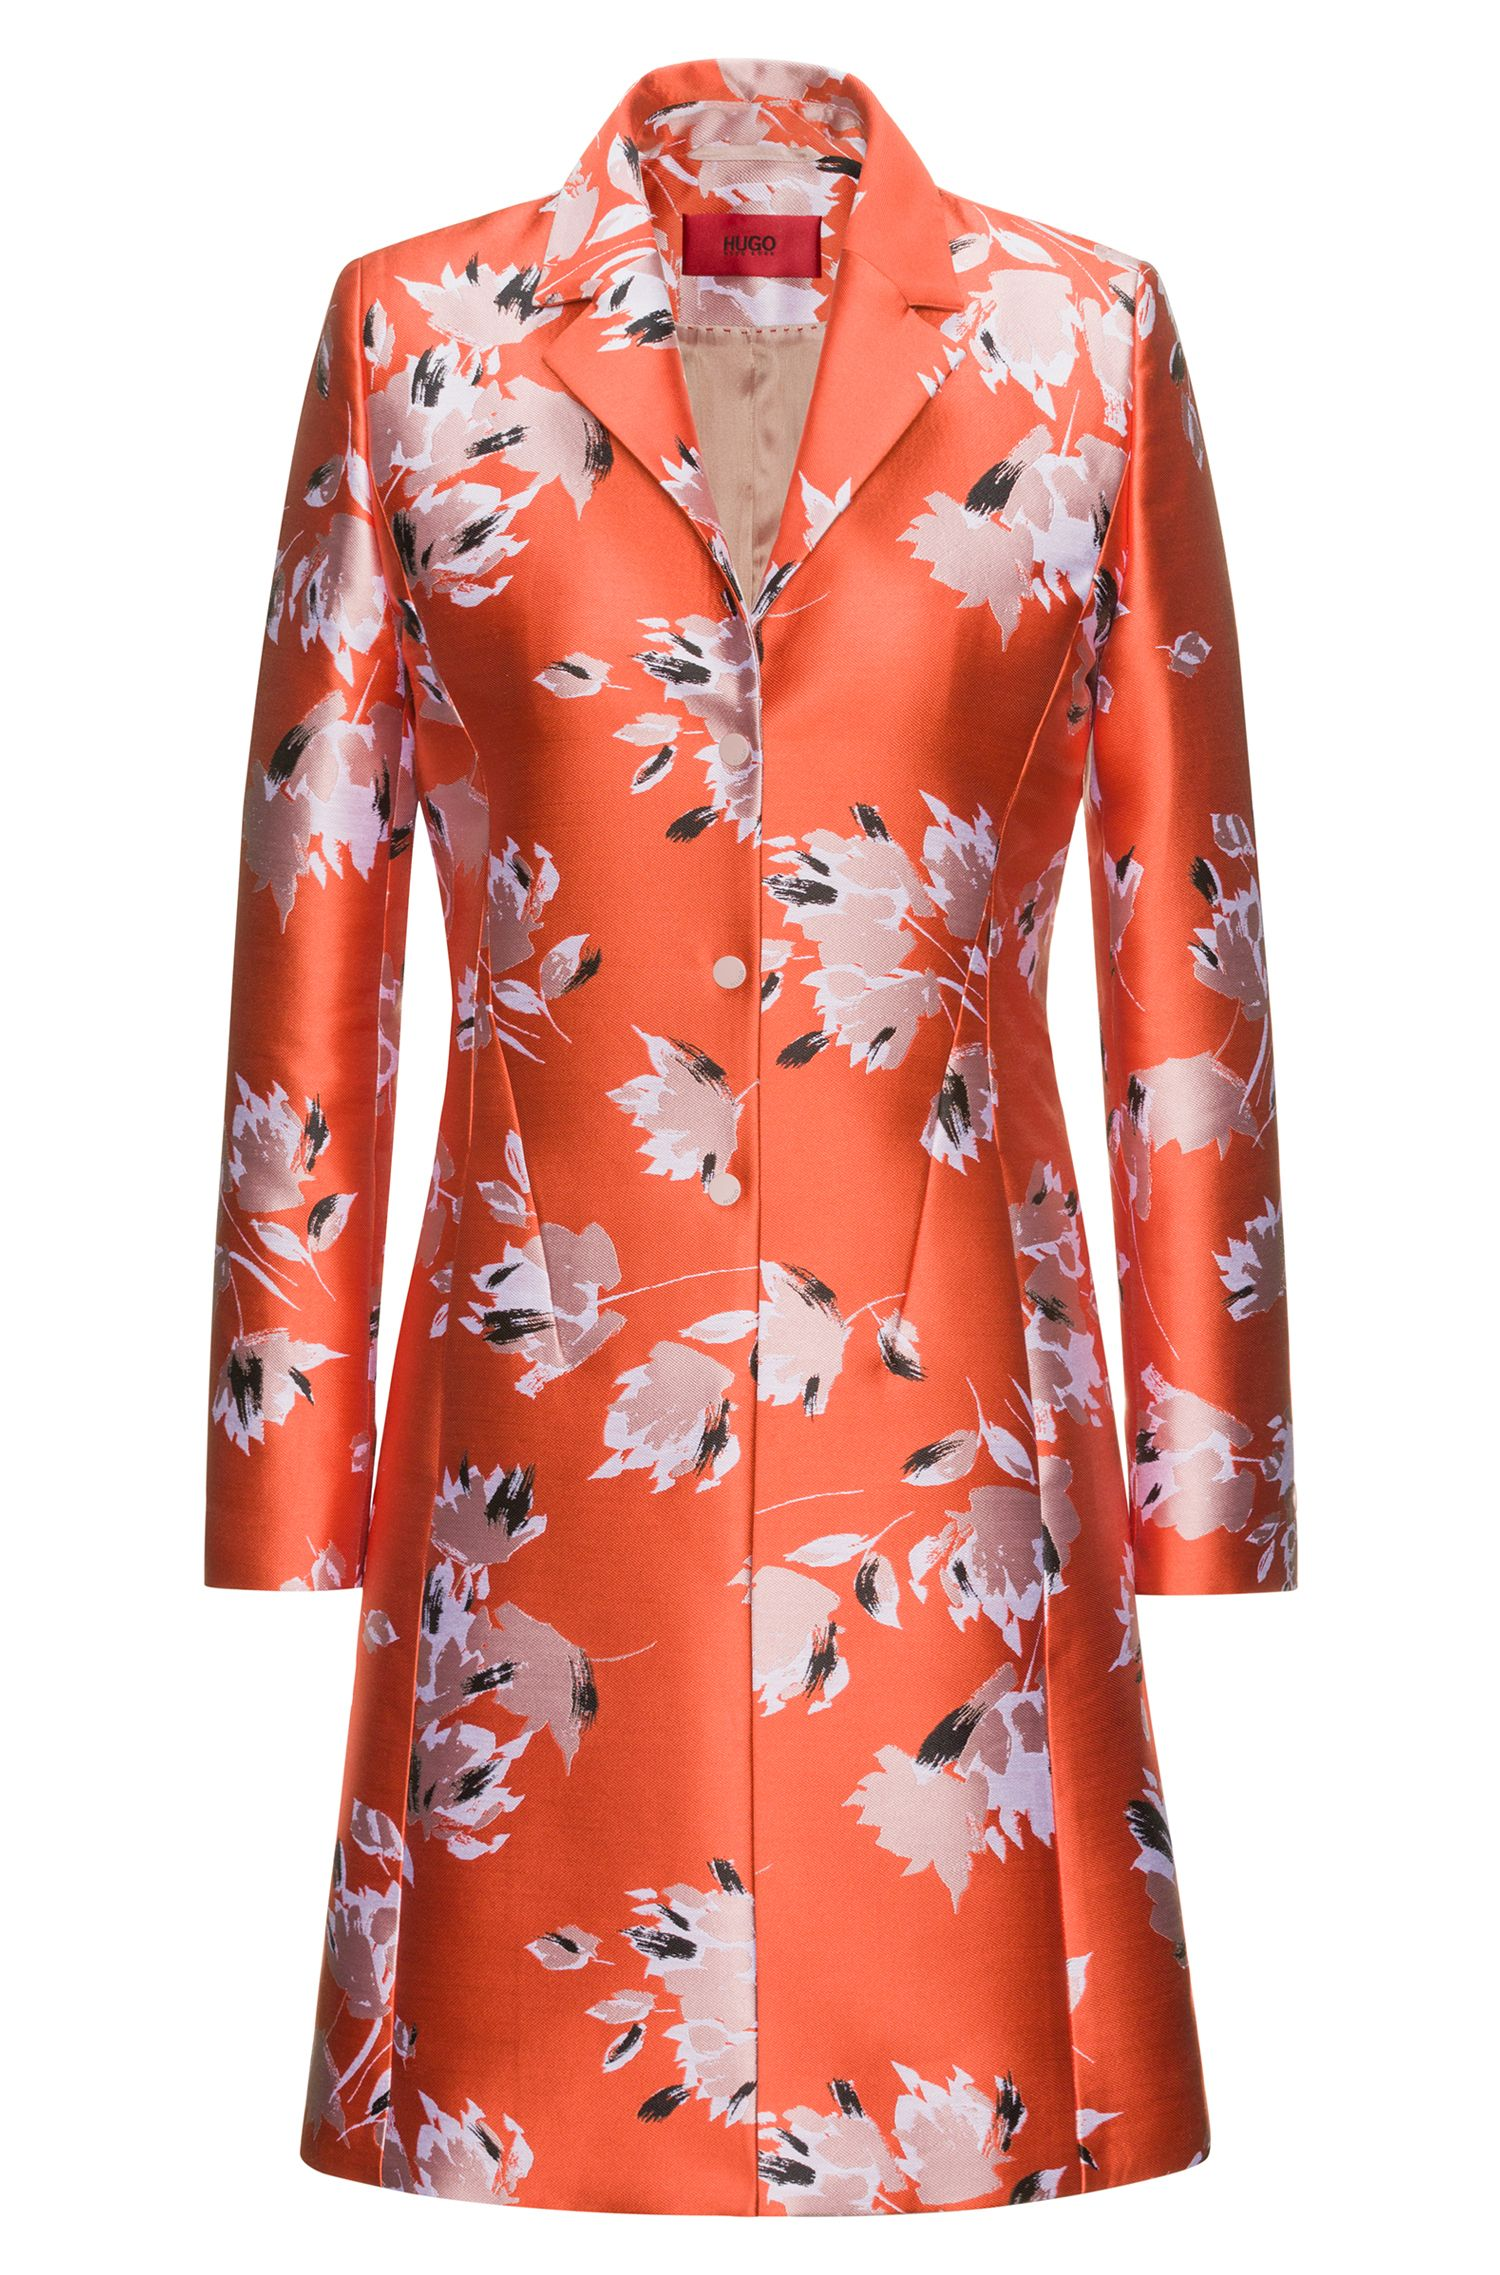 Manteau en jacquard technique à motif floral abstrait